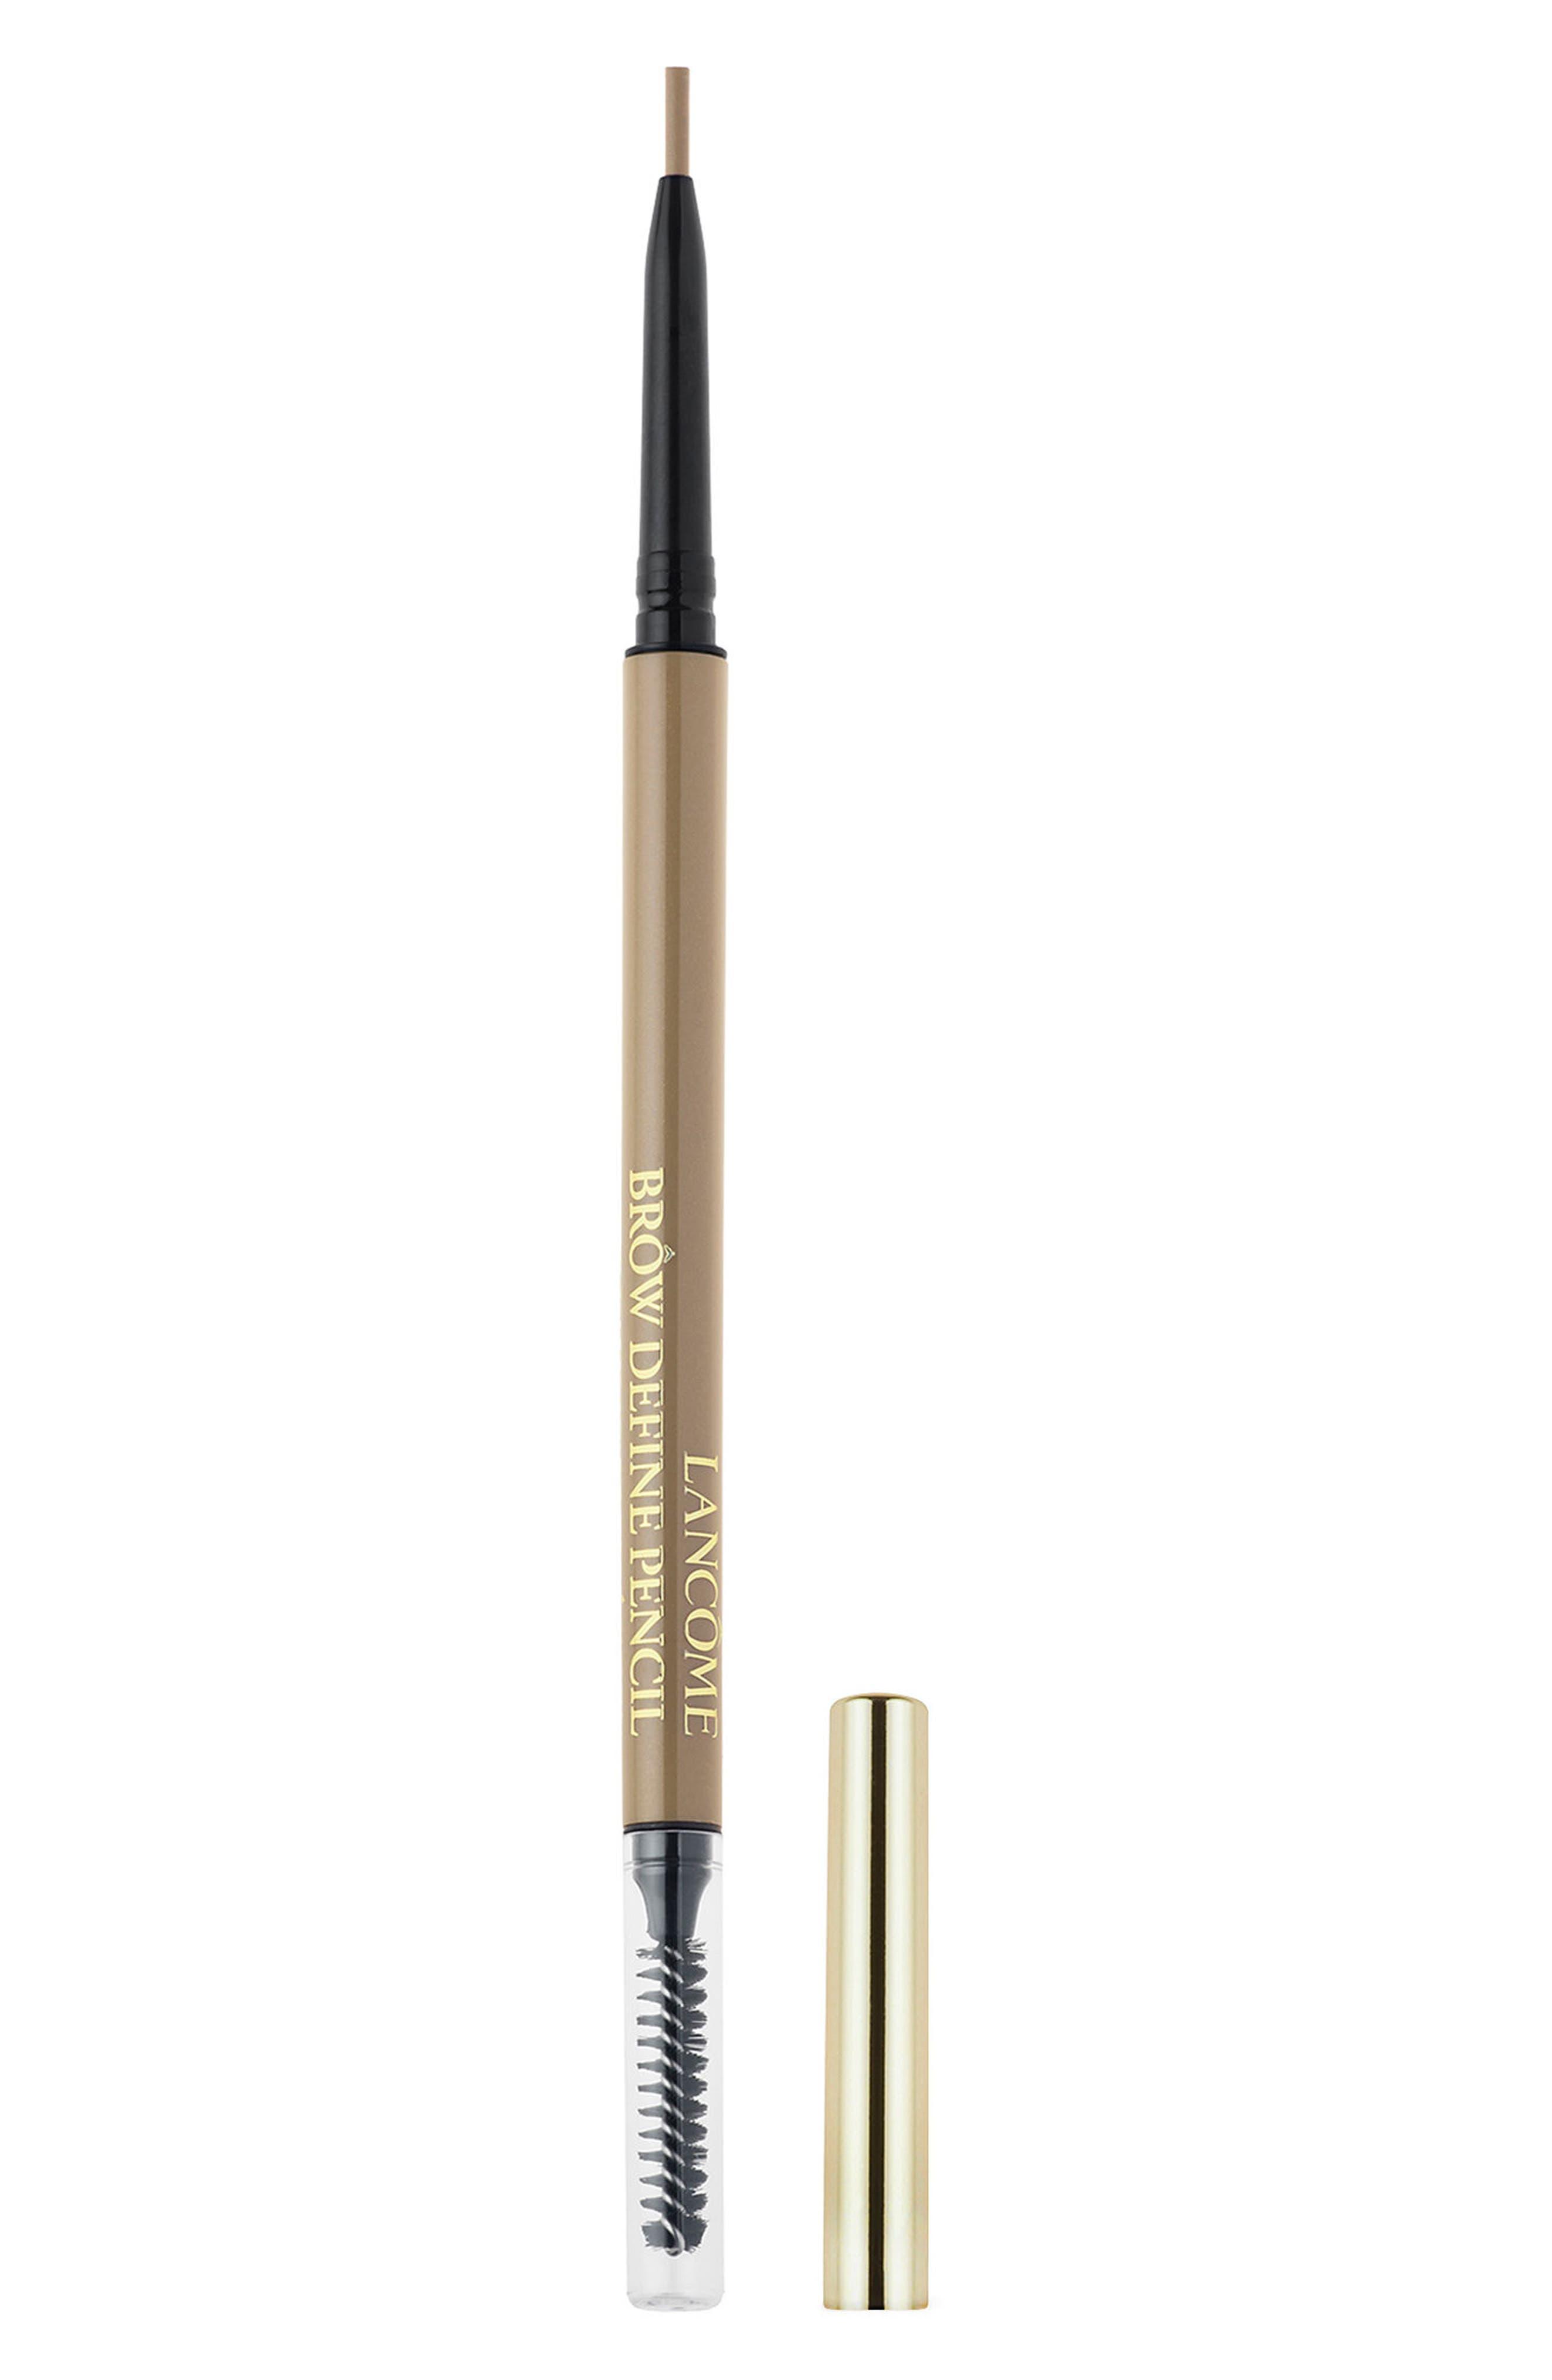 Brow Define Precision Brow Pencil | Nordstrom